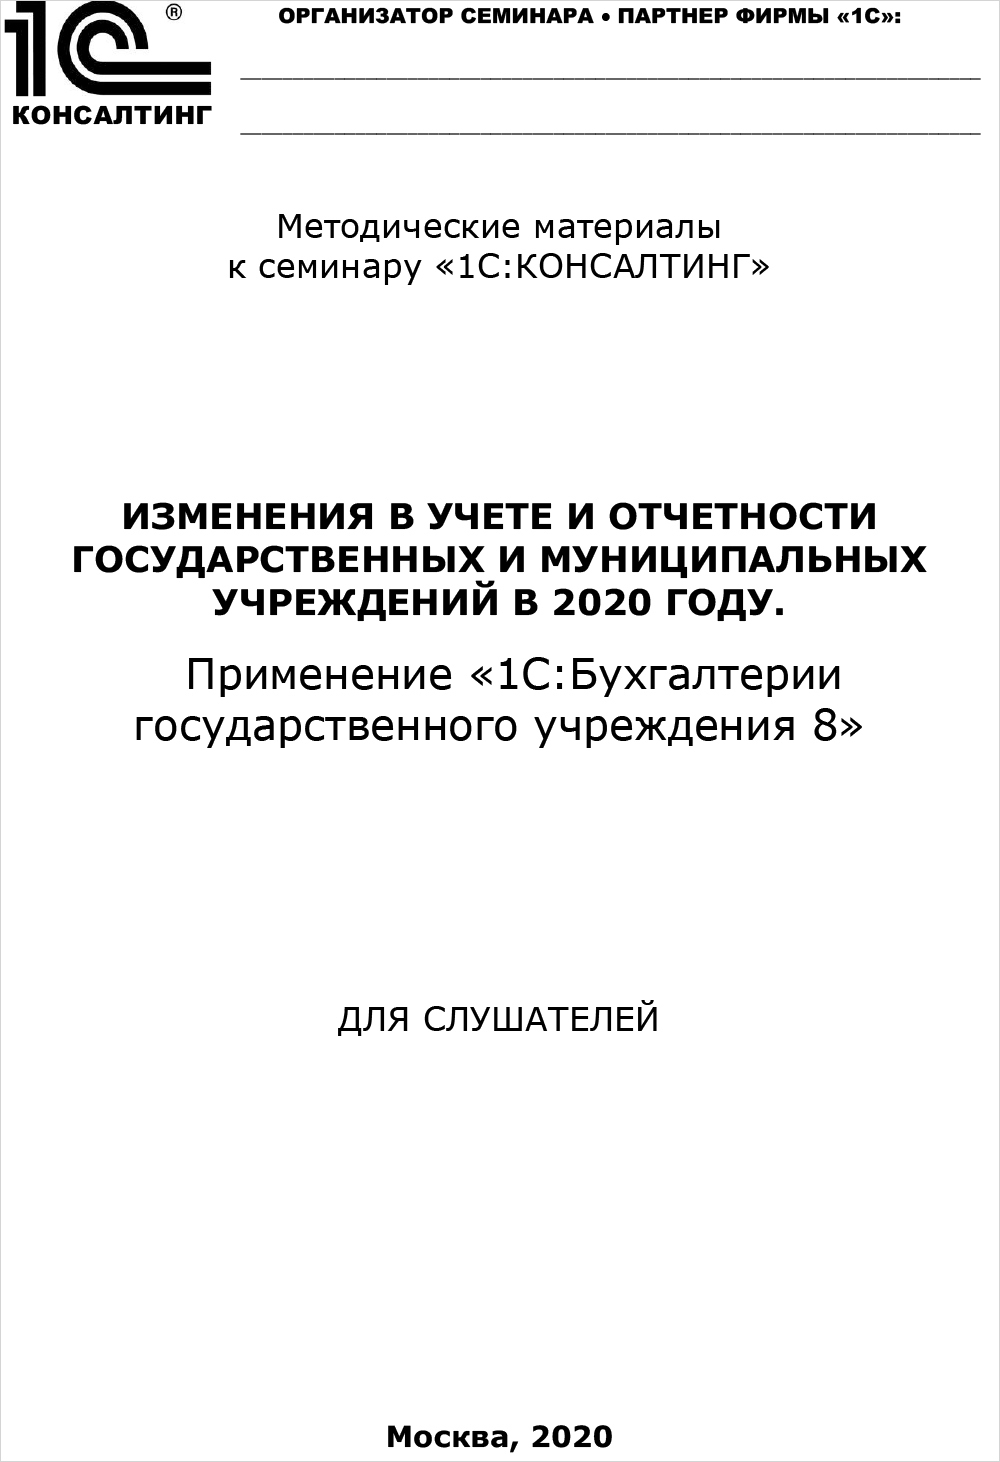 Изменения в учете и отчетности государственных и муниципальных учреждений в 2020 году. Применение 1С:Бухгалтерии государственного учреждения (цифровая версия) (Цифровая версия) фото